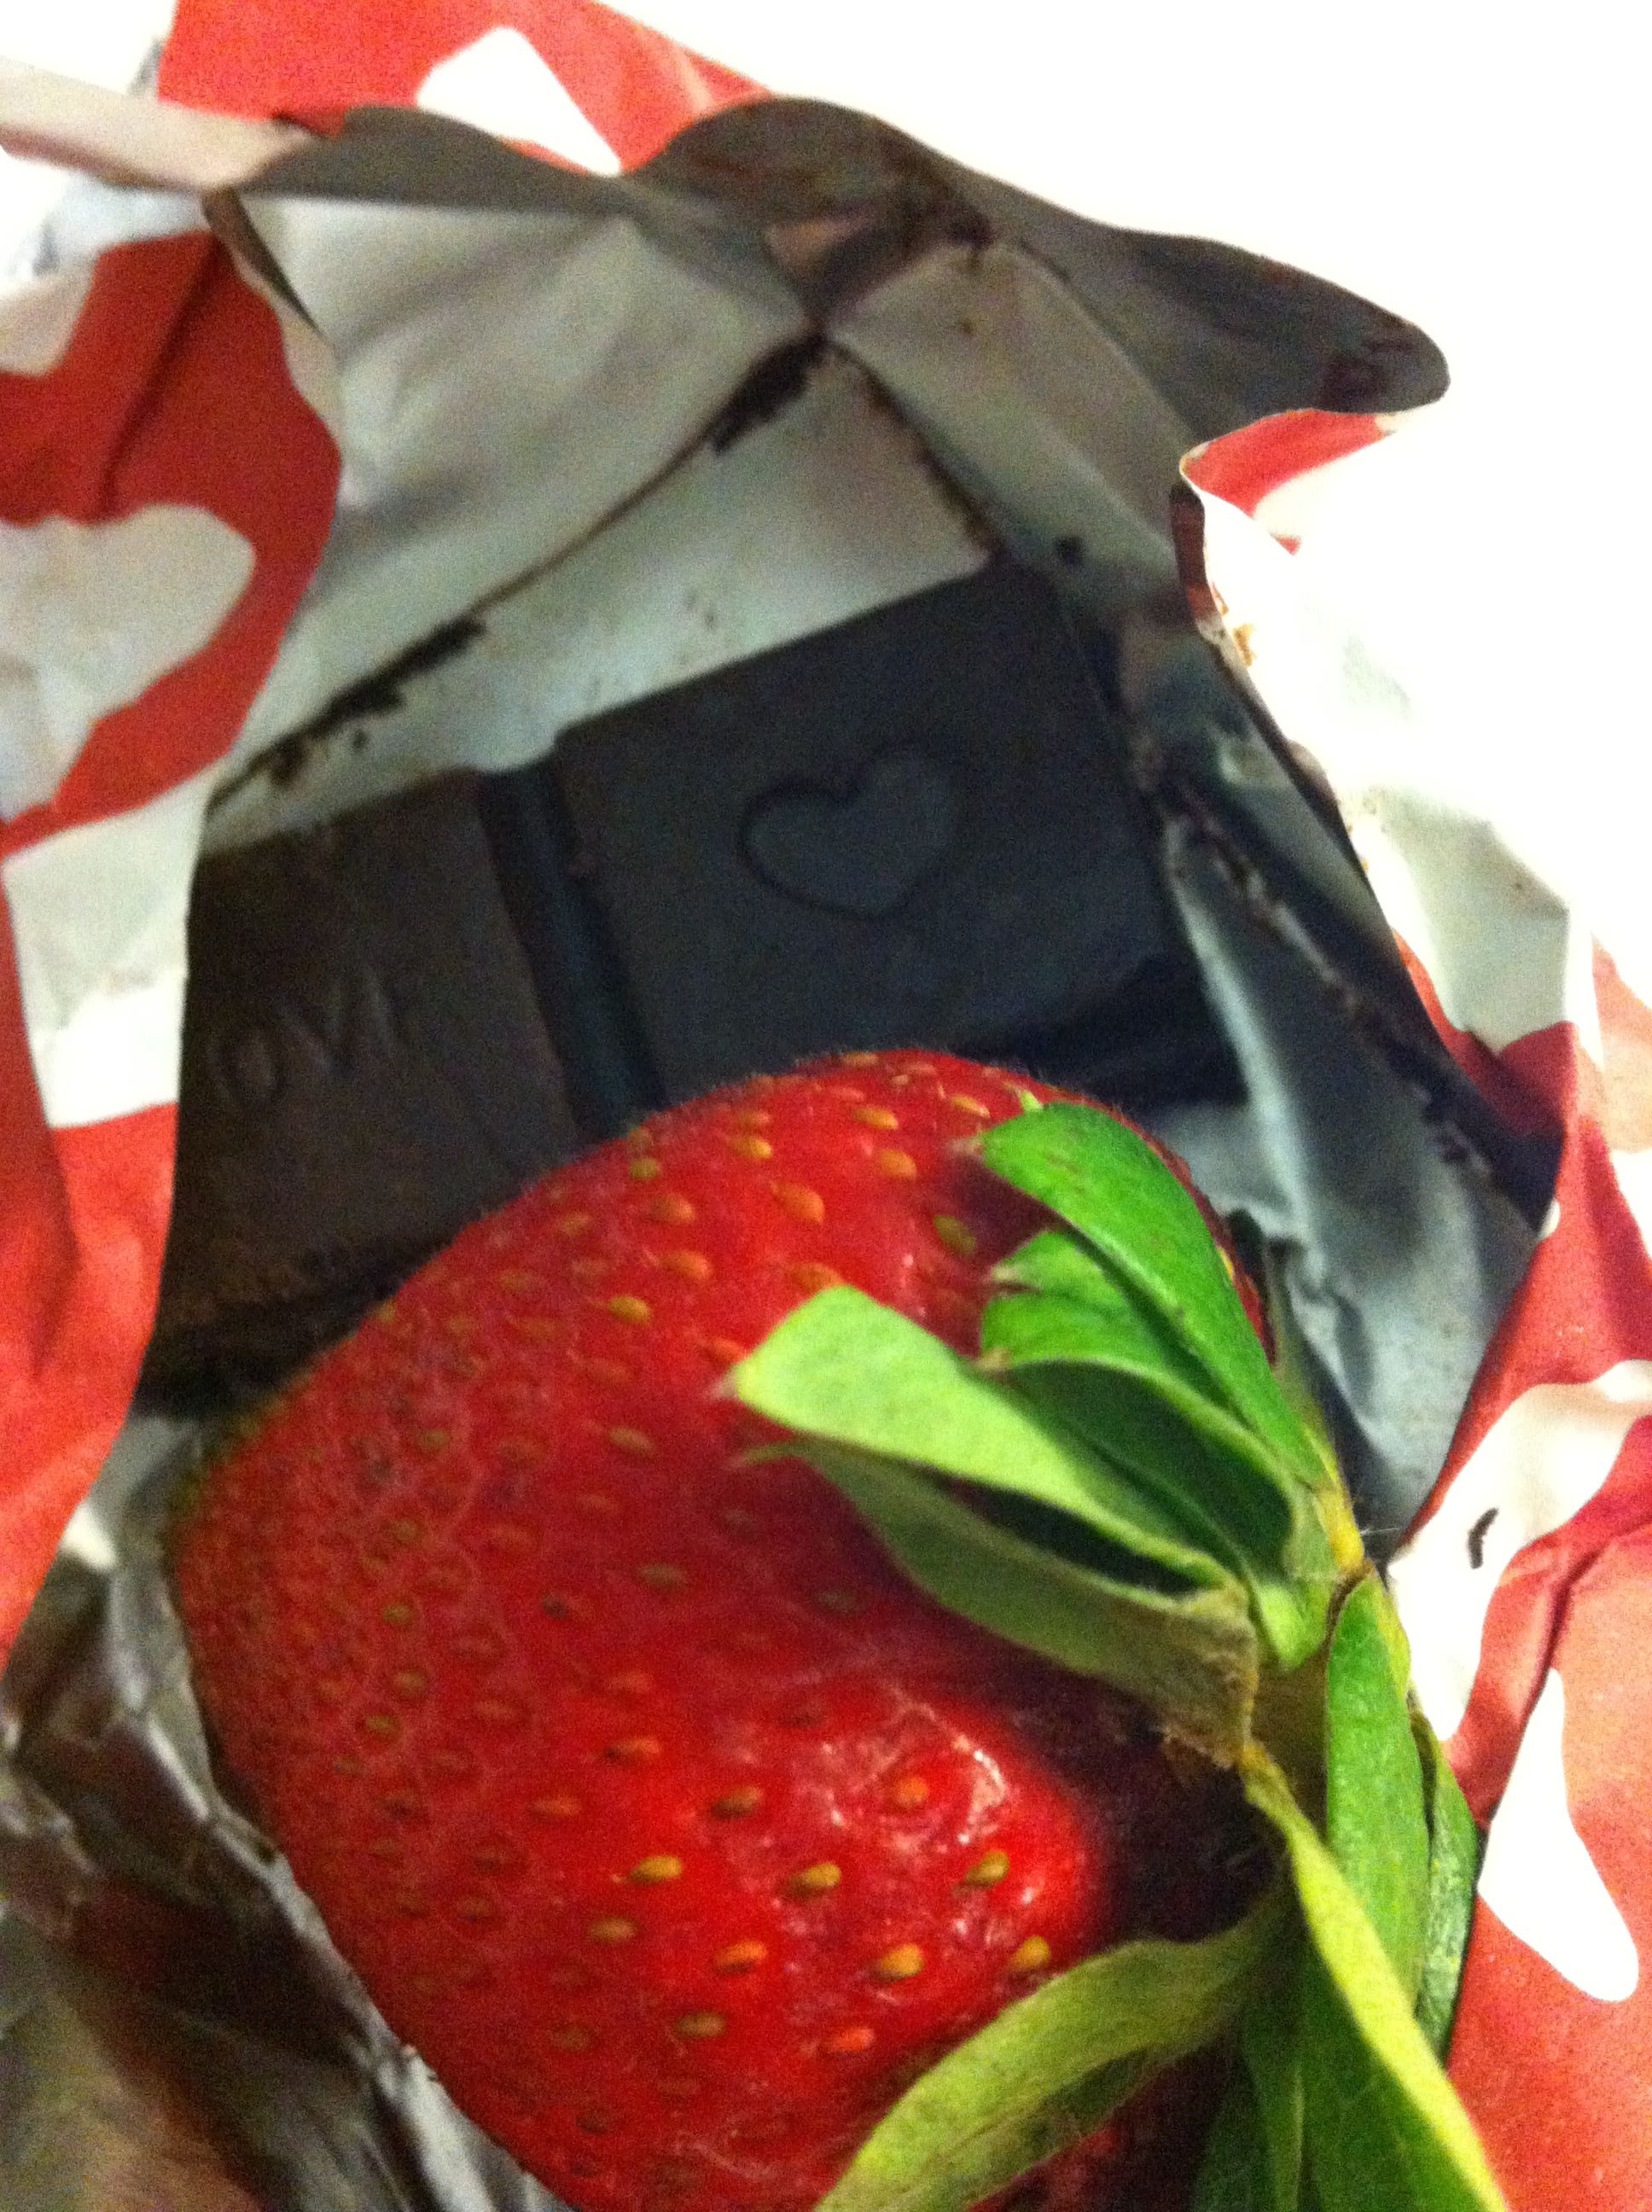 Pana chocolate and strawberries | Strawberry, Recipes, Pana